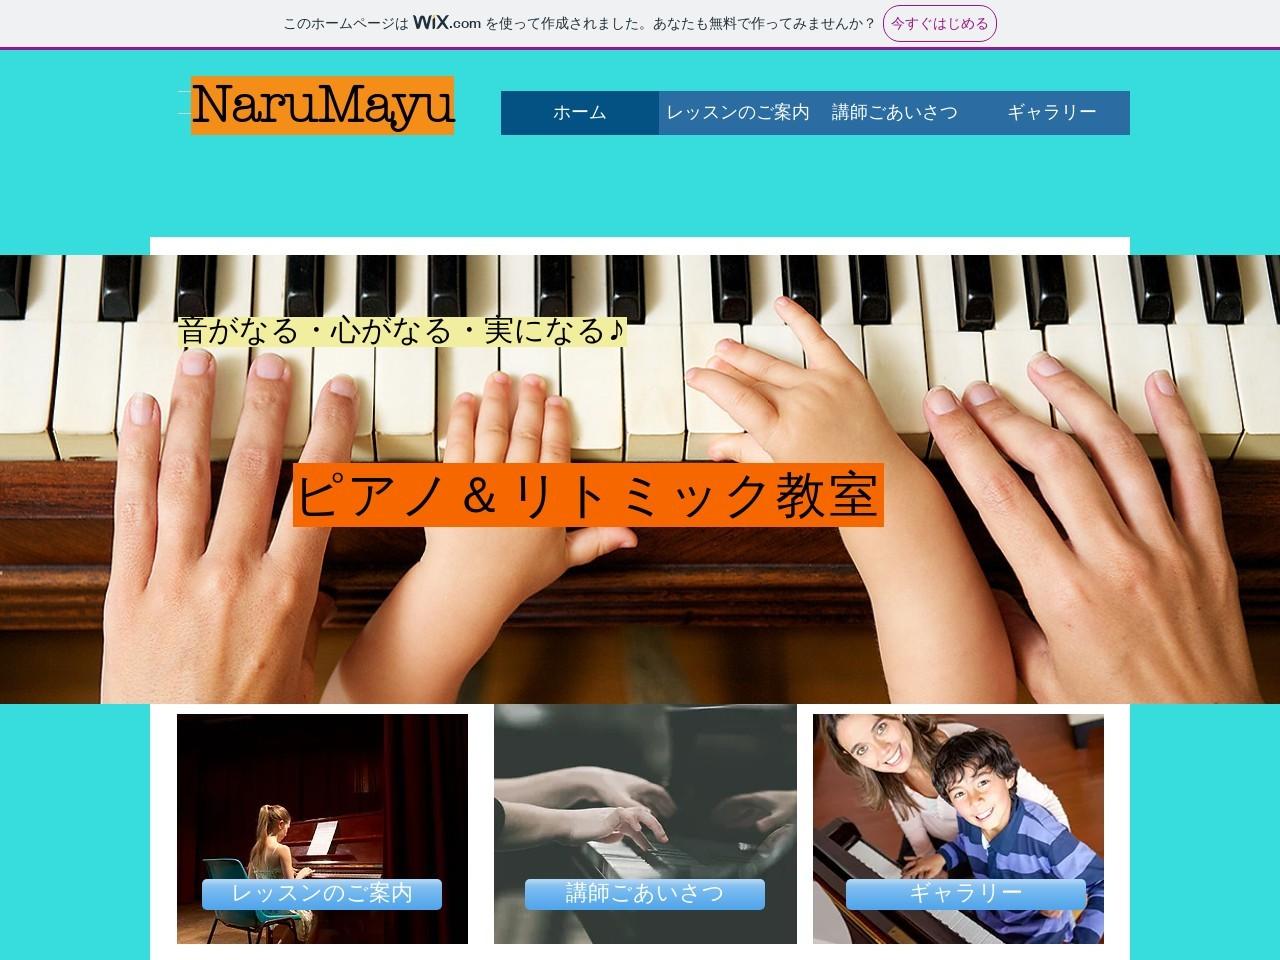 NaruMayuのサムネイル